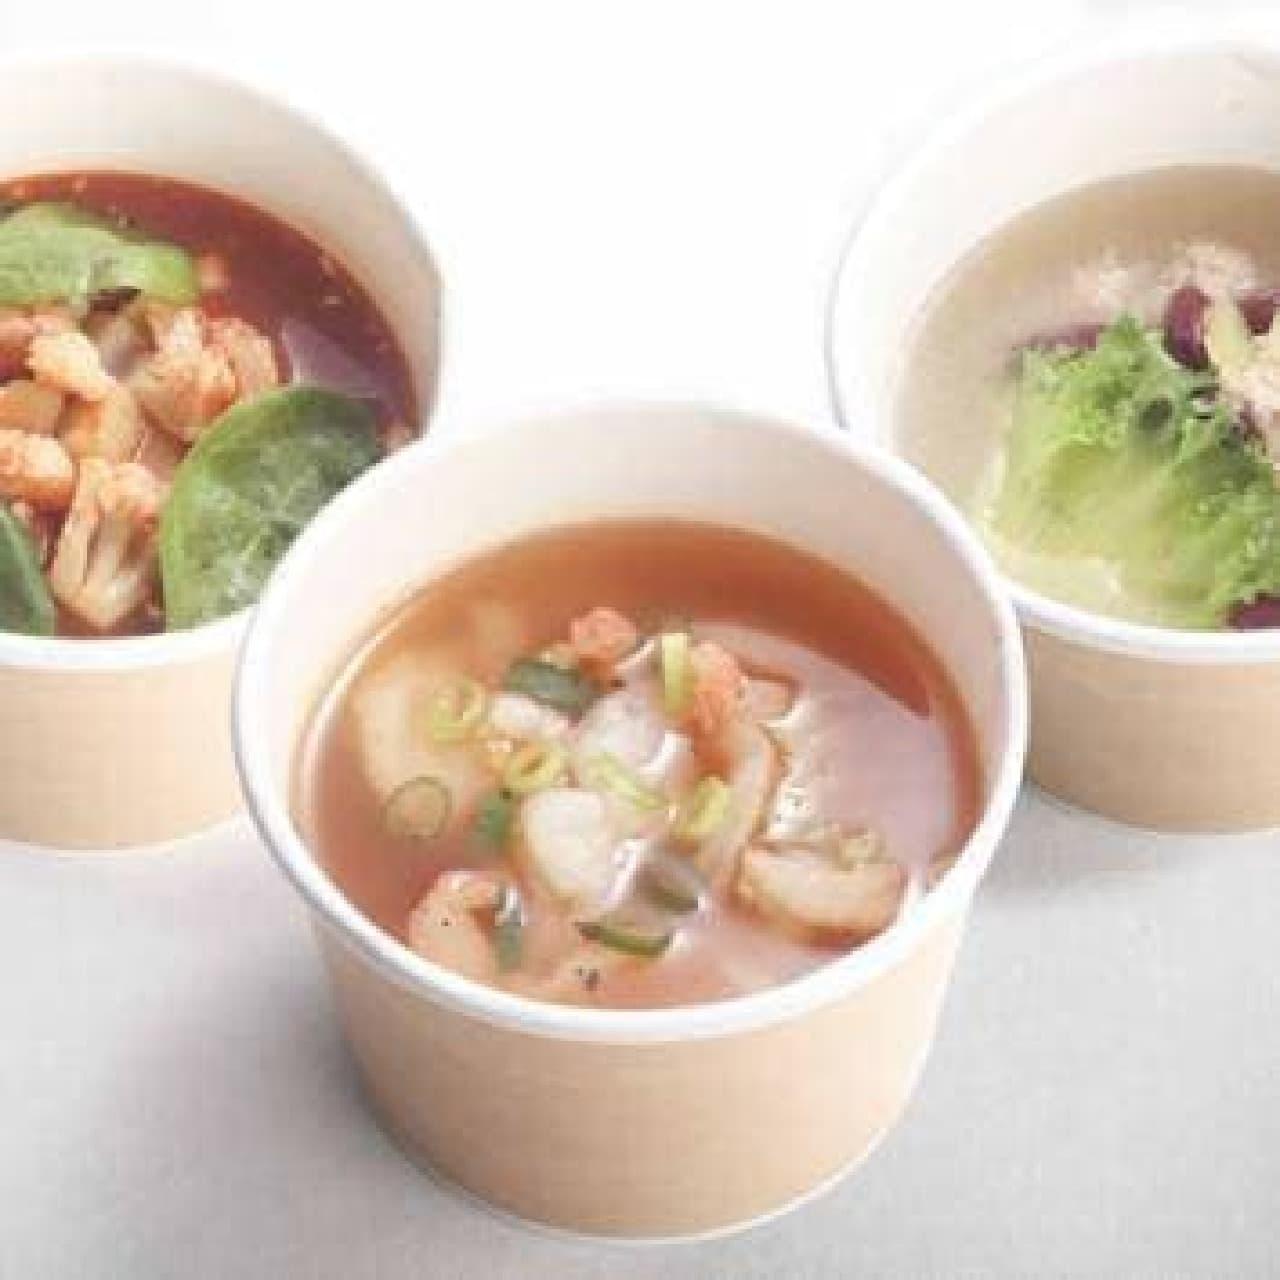 タマゴサンドとスープの専門店「サンド de スープ」、イクスピアリに